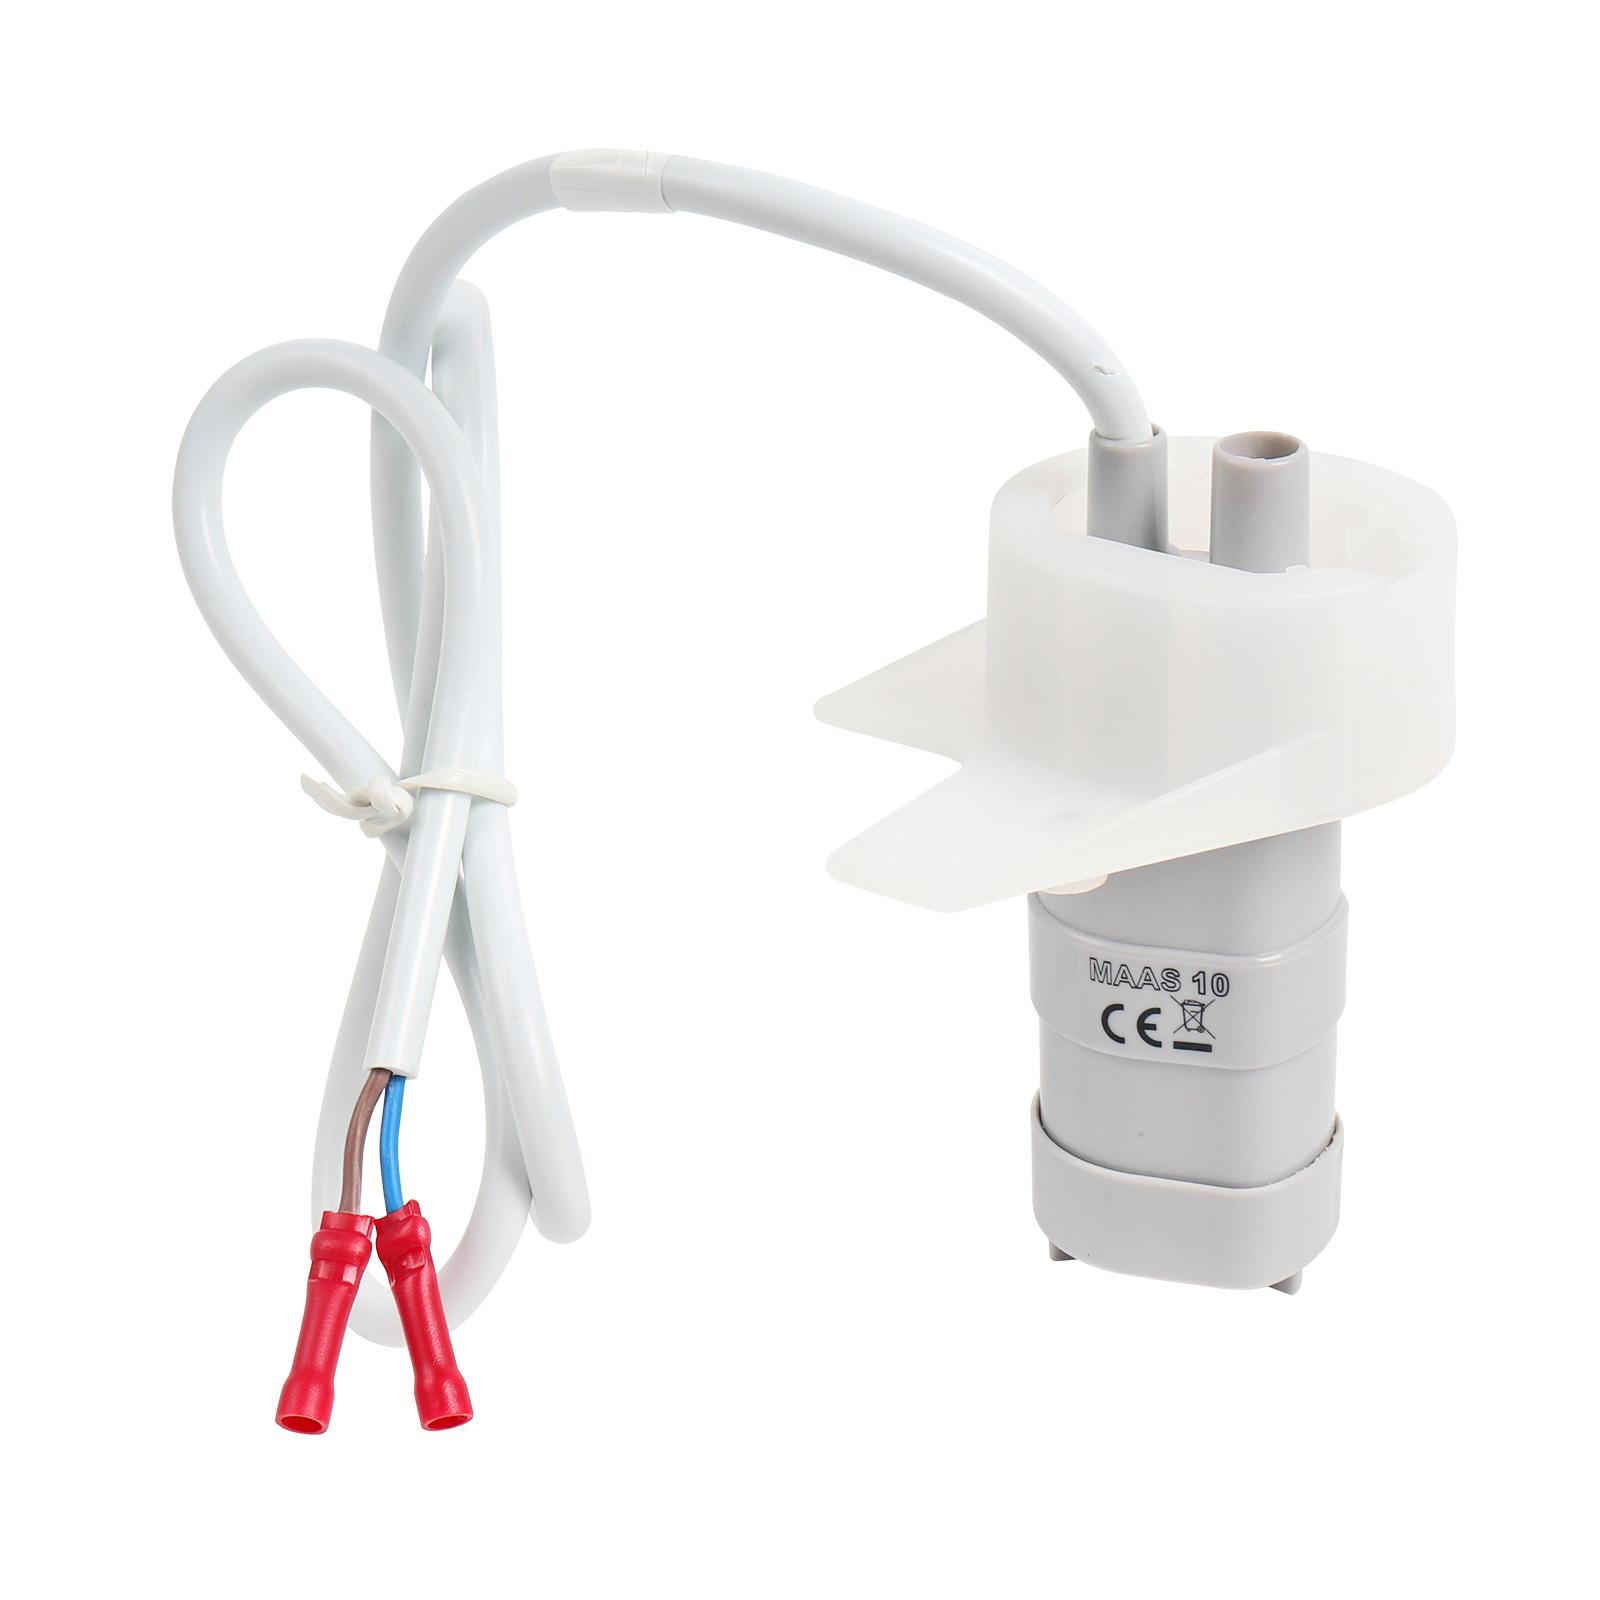 Wasser Pumpe passend für THETFORD C2 C200 C402 C500 Pumpensatz Repsatz Spülpumpe